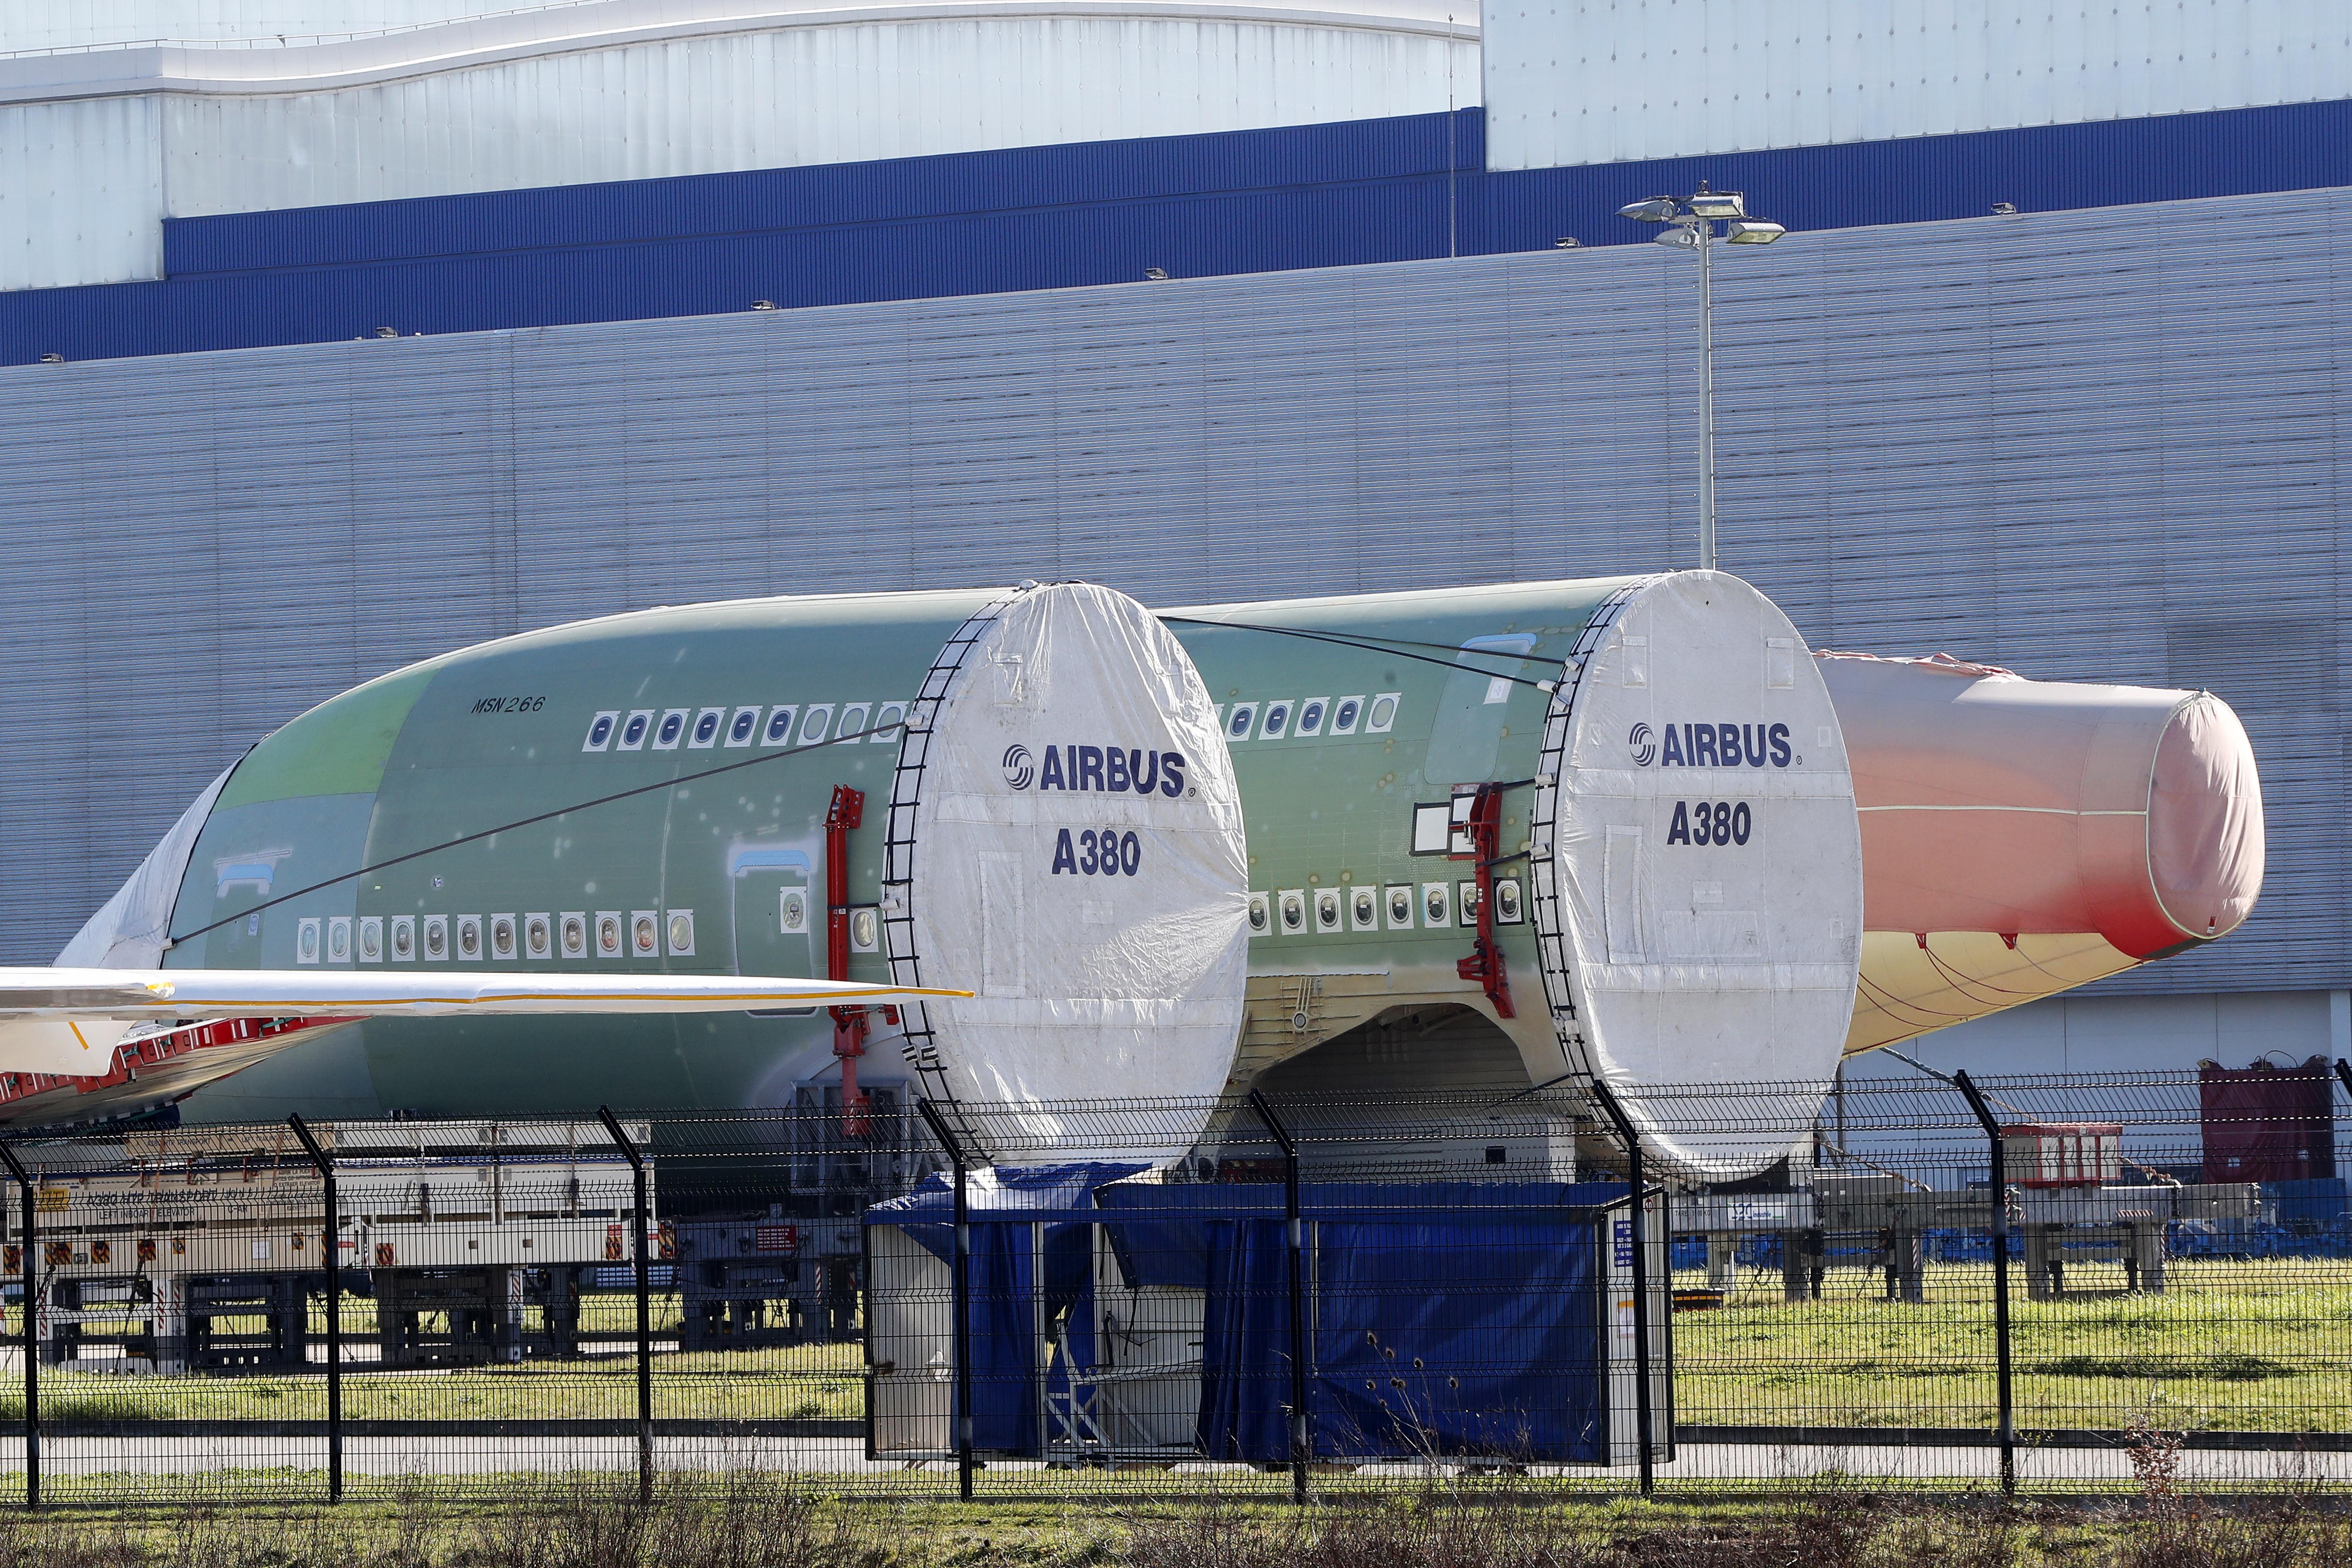 Авиационната компания Еърбъс обяви, че спира производството на най-големия пътнически самолет в света. Доставката на модела А380 ще бъдат преустановена окончателно след 2 години.